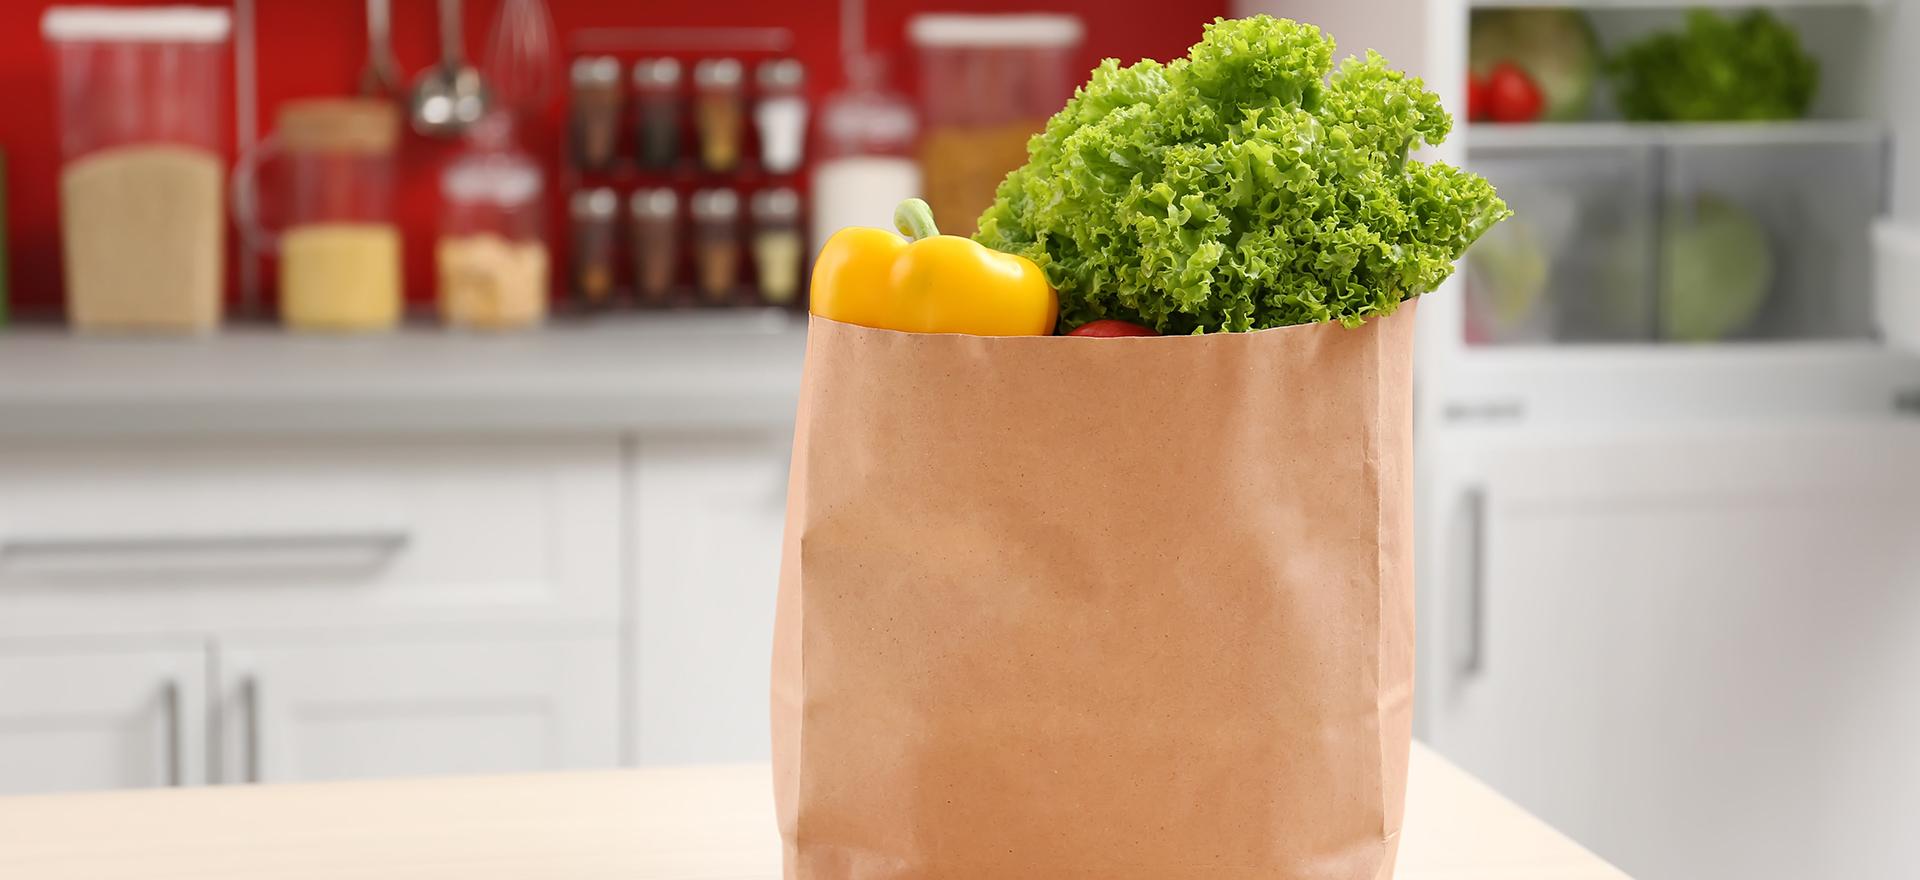 Sac de papier ou sac de plastique compostable… lequel choisir pour la collecte?